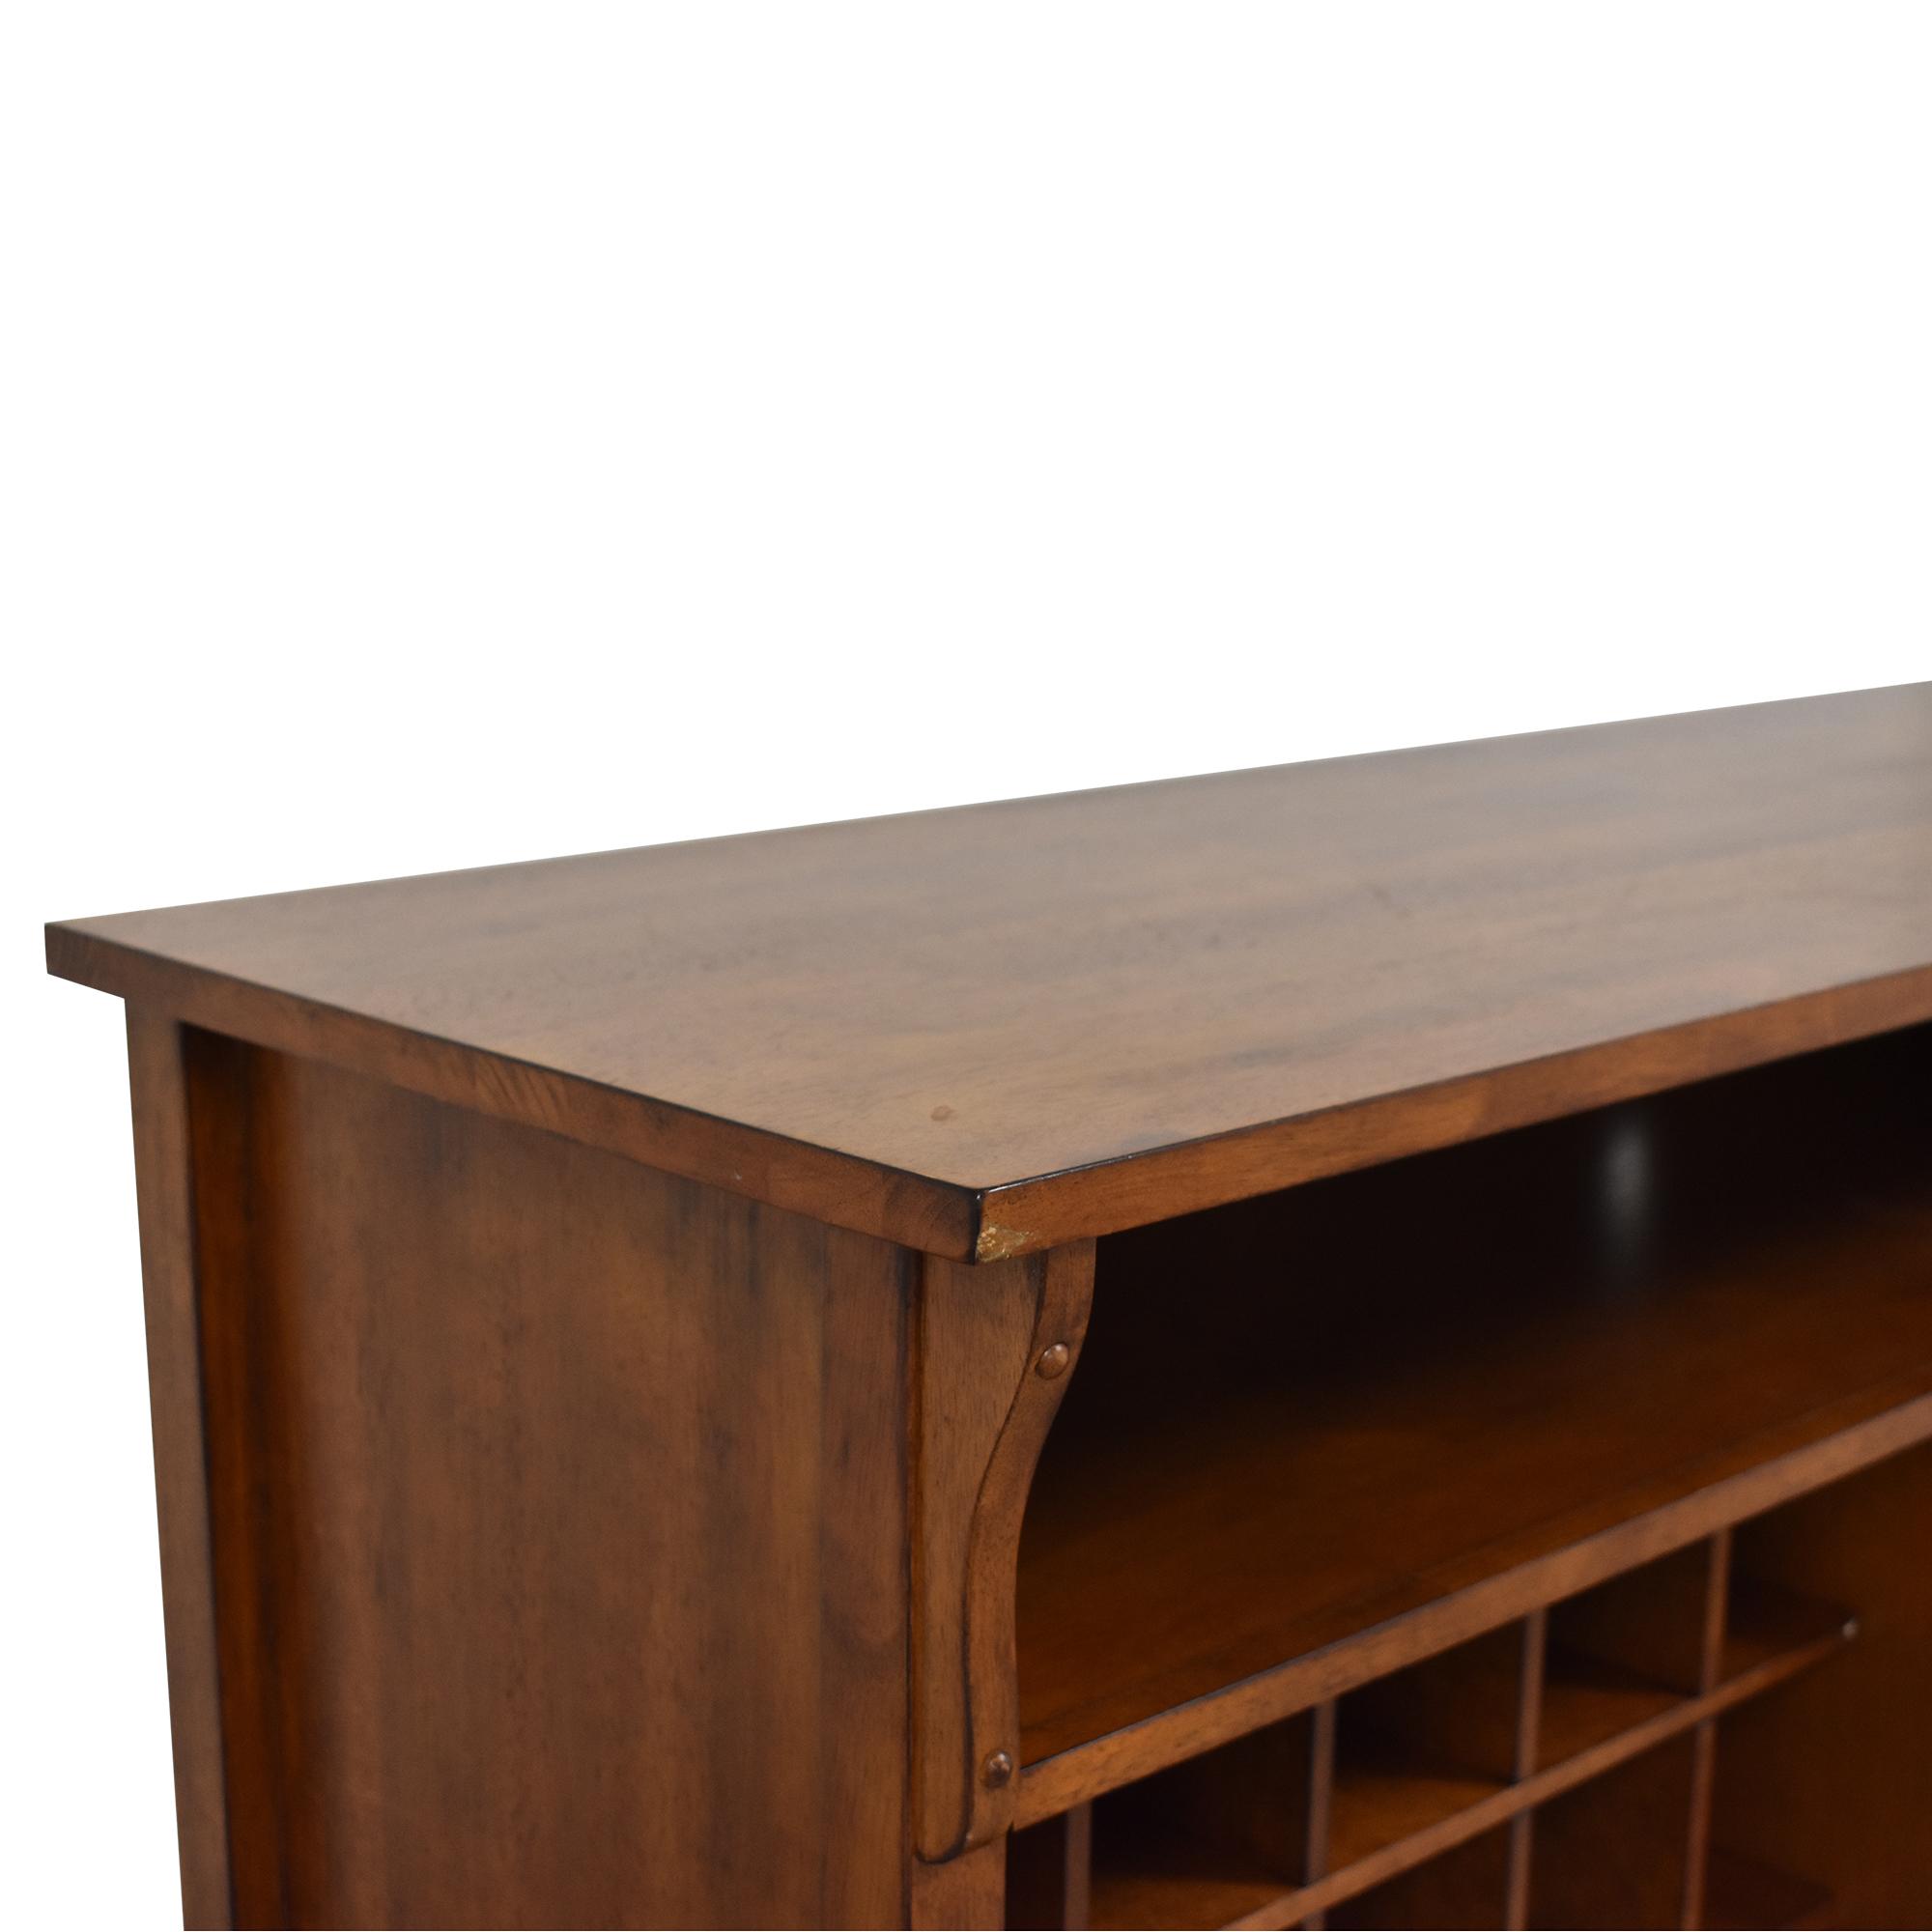 Jofran Sideboard with Wine Rack / Storage